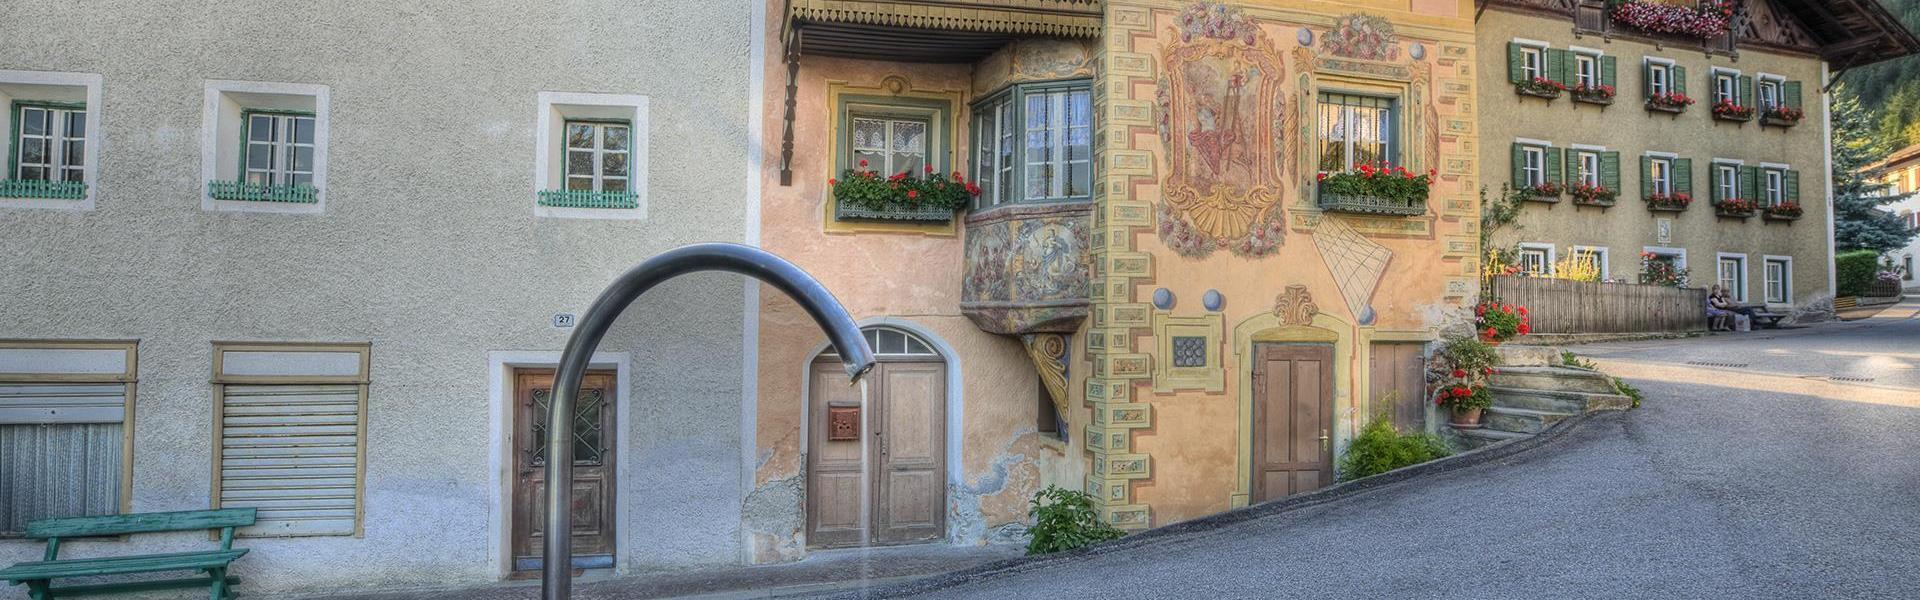 Top Attractions In Vipiteno And Racines Südtirol